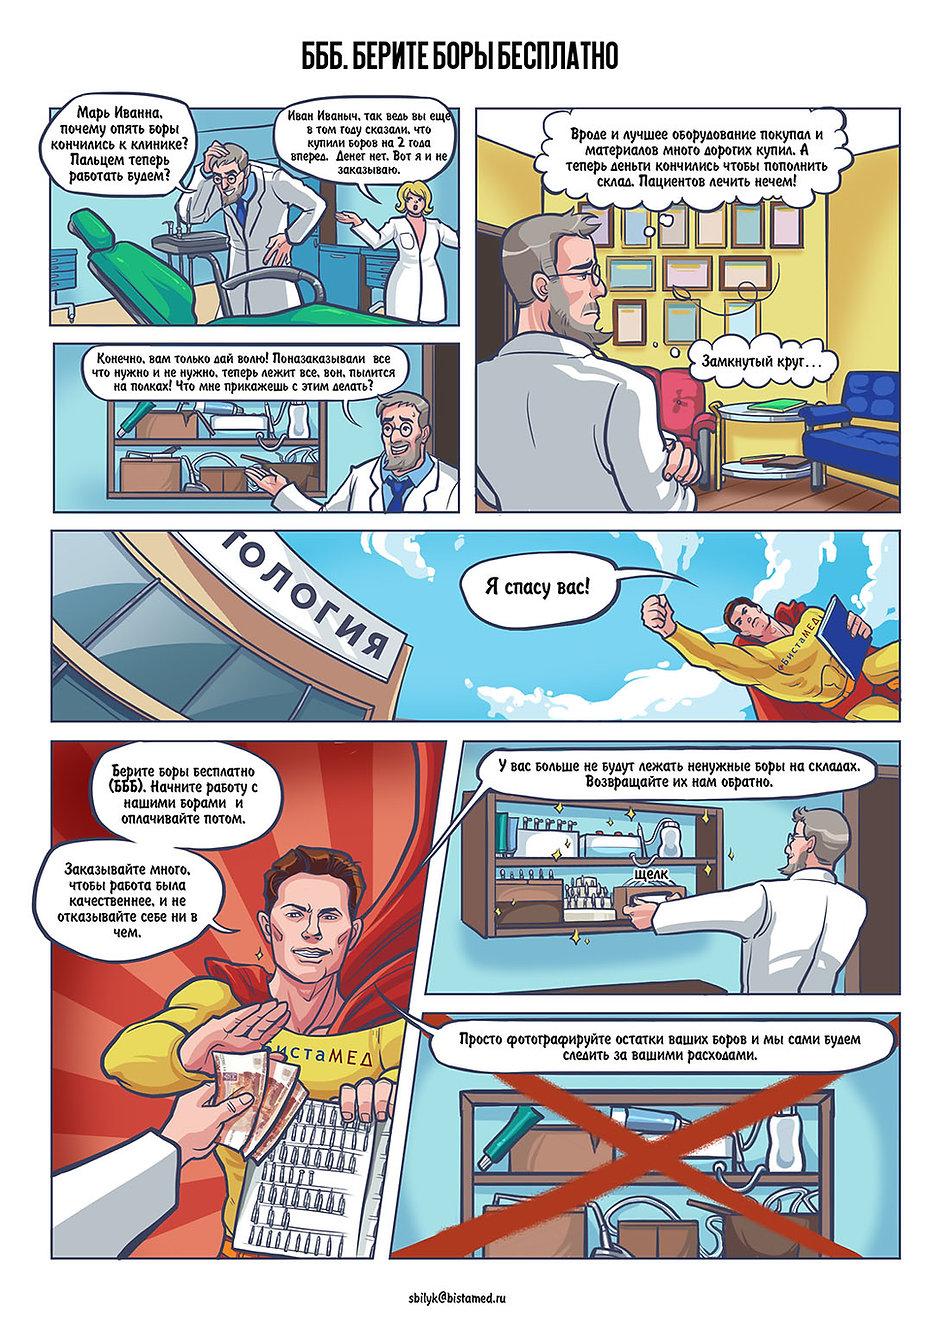 Маркетинговый комикс. Боры бесплатно. с1